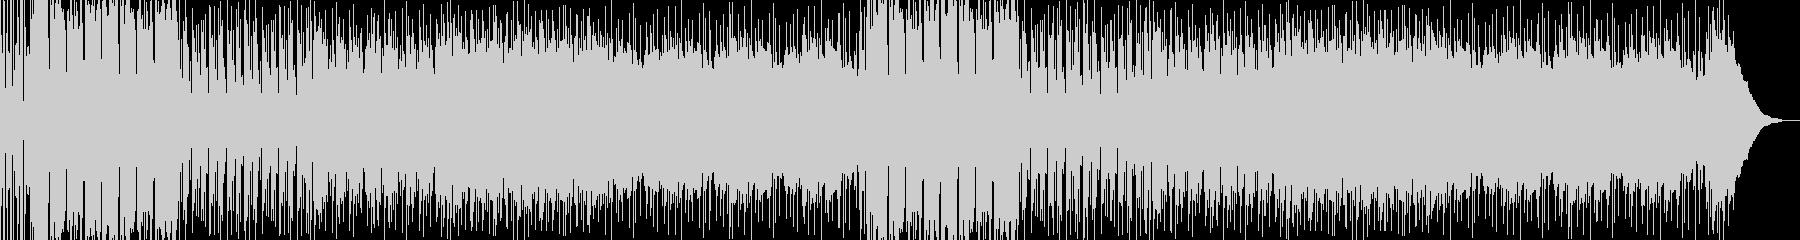 ロックなBGMの未再生の波形